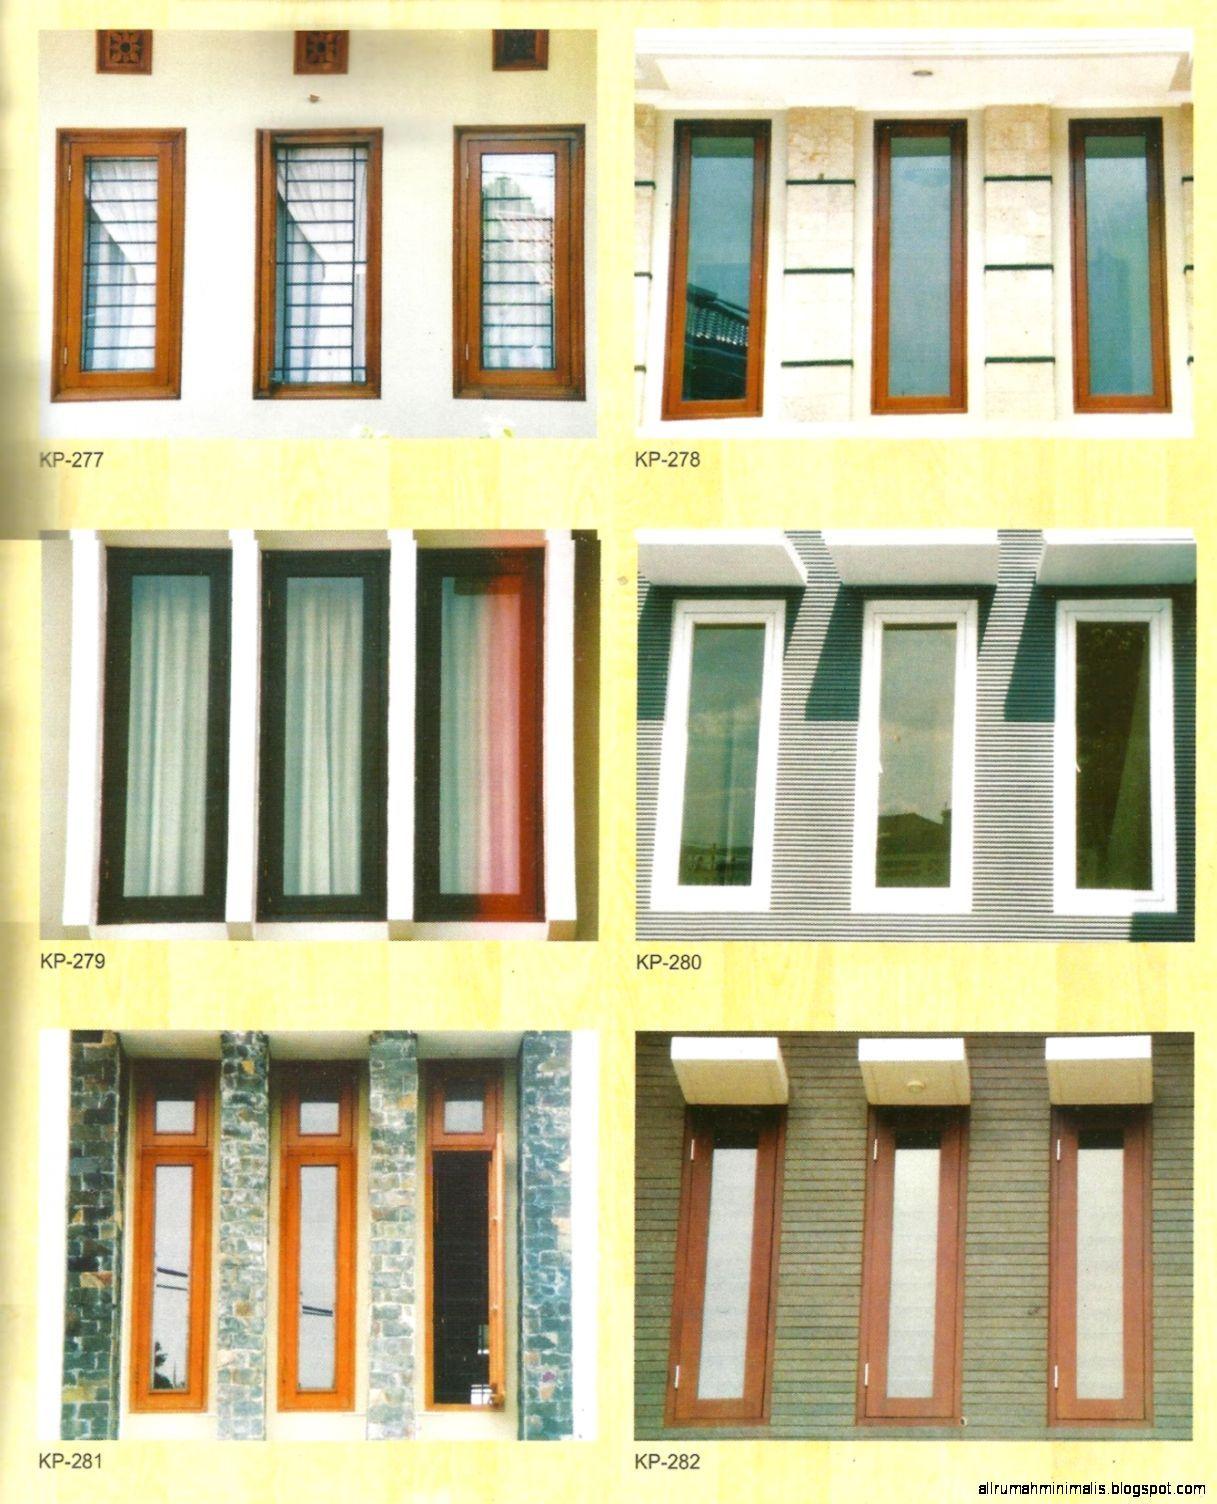 Ukuran Jendela Rumah Cek Bahan Bangunan Ukuran jendela kamar tidur minimalis